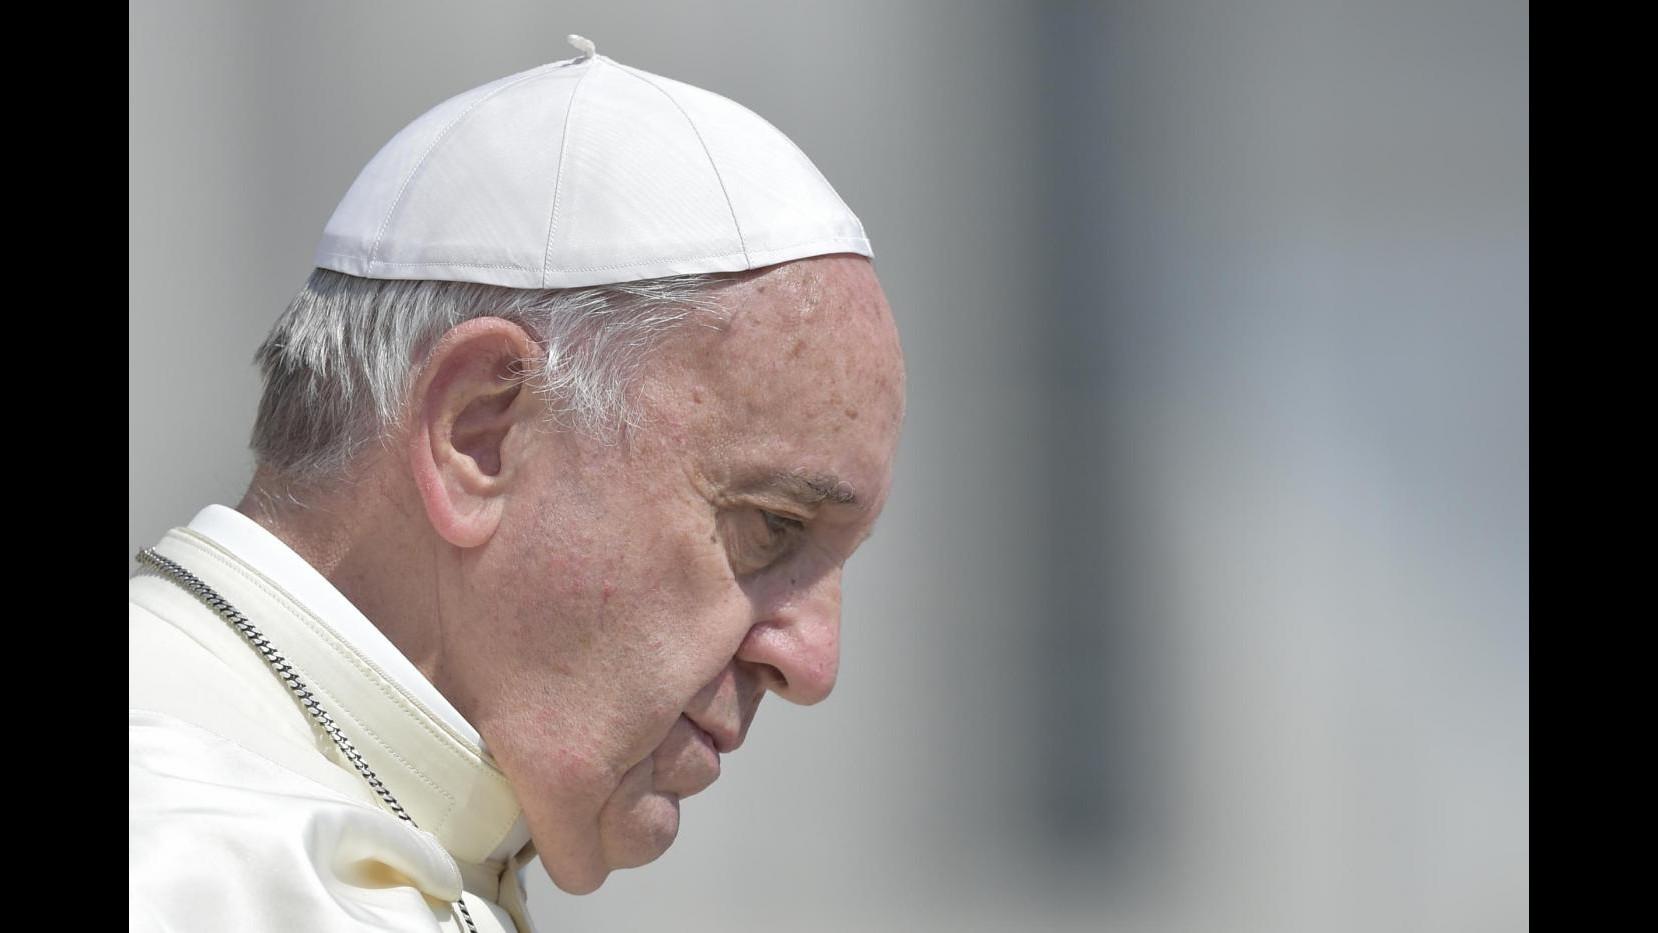 L'affondo del Papa: Persecuzioni dei cristiani sotto gli occhi e il silenzio di tutti